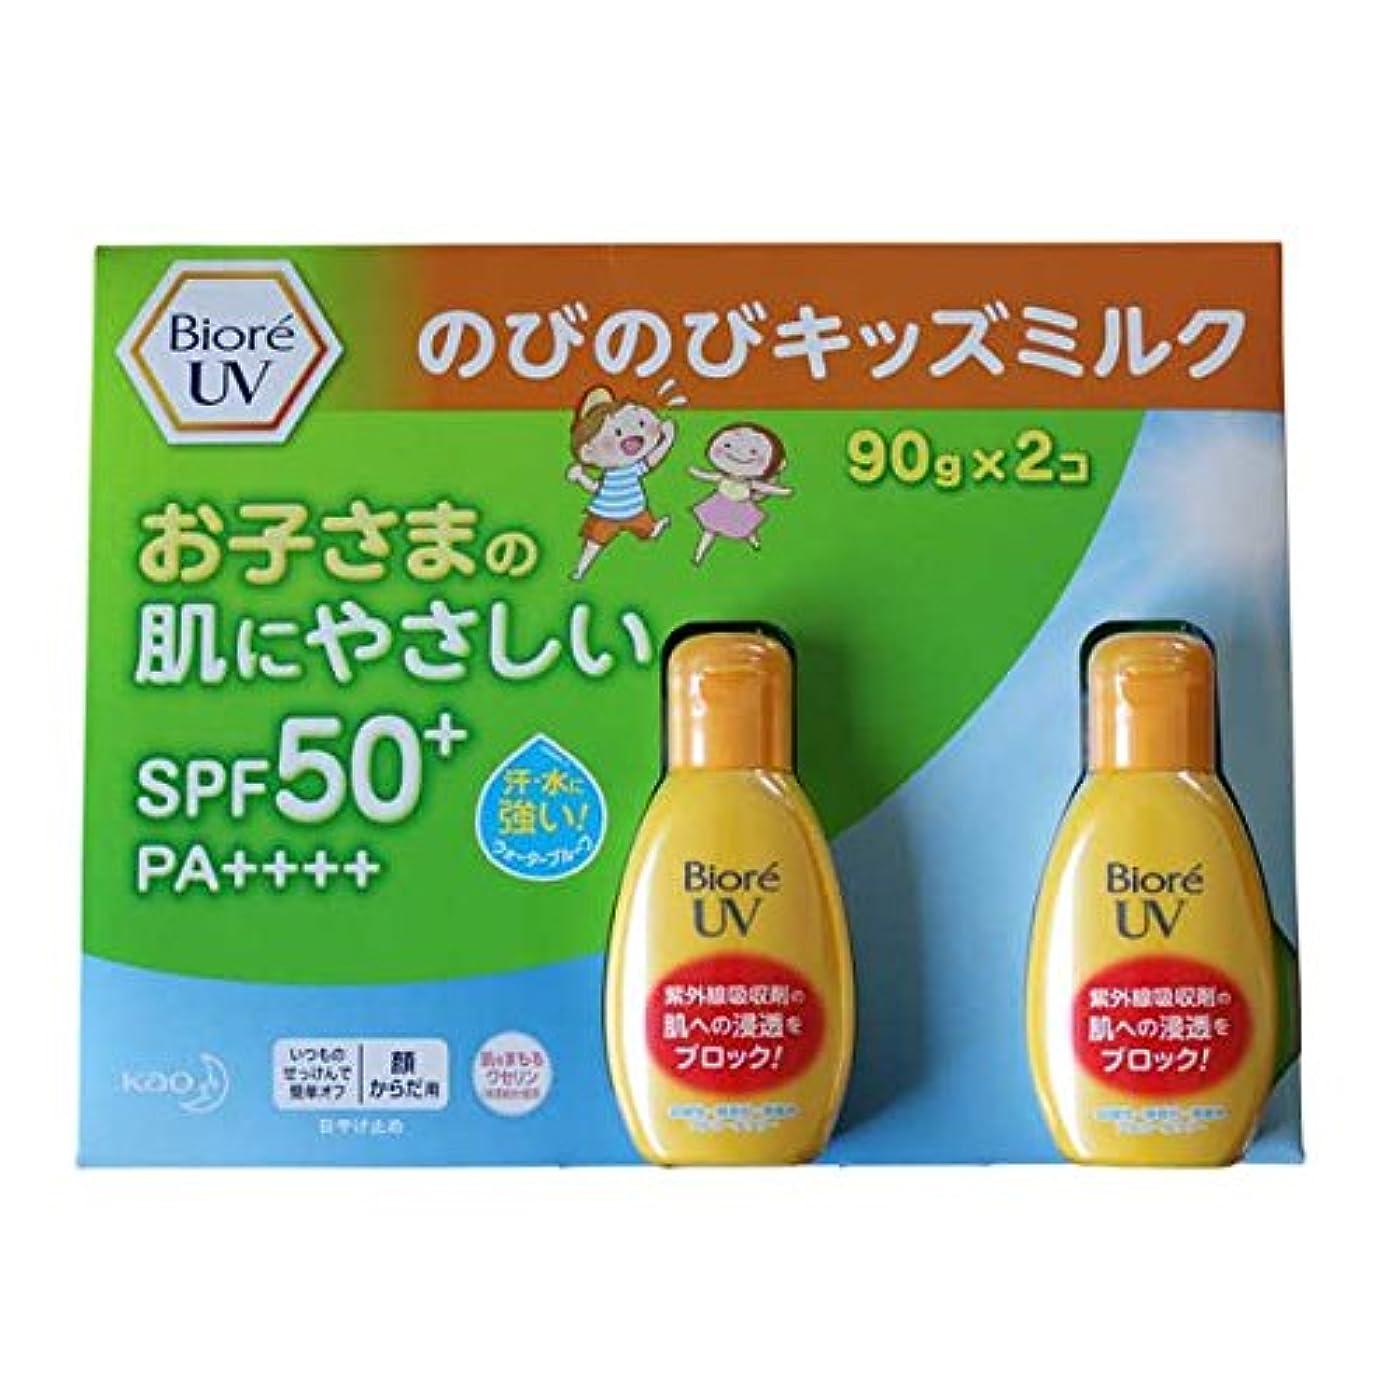 分割ポンド選挙花王 ビオレ UV のびのびキッズミルク 日焼け止め乳液 SPF50+ PA++++ 90gx2本セット 強力紫外線カット